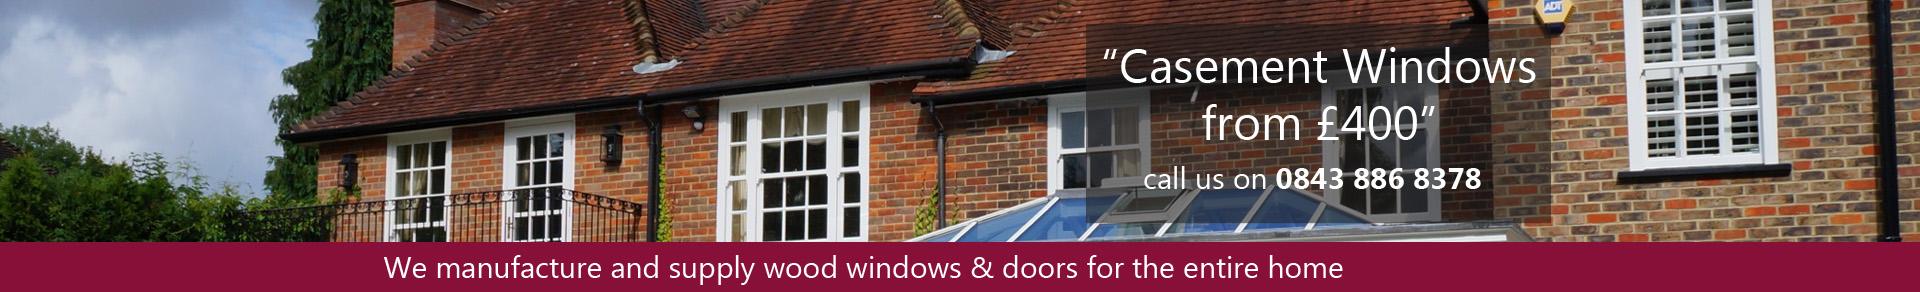 casement-windows-header